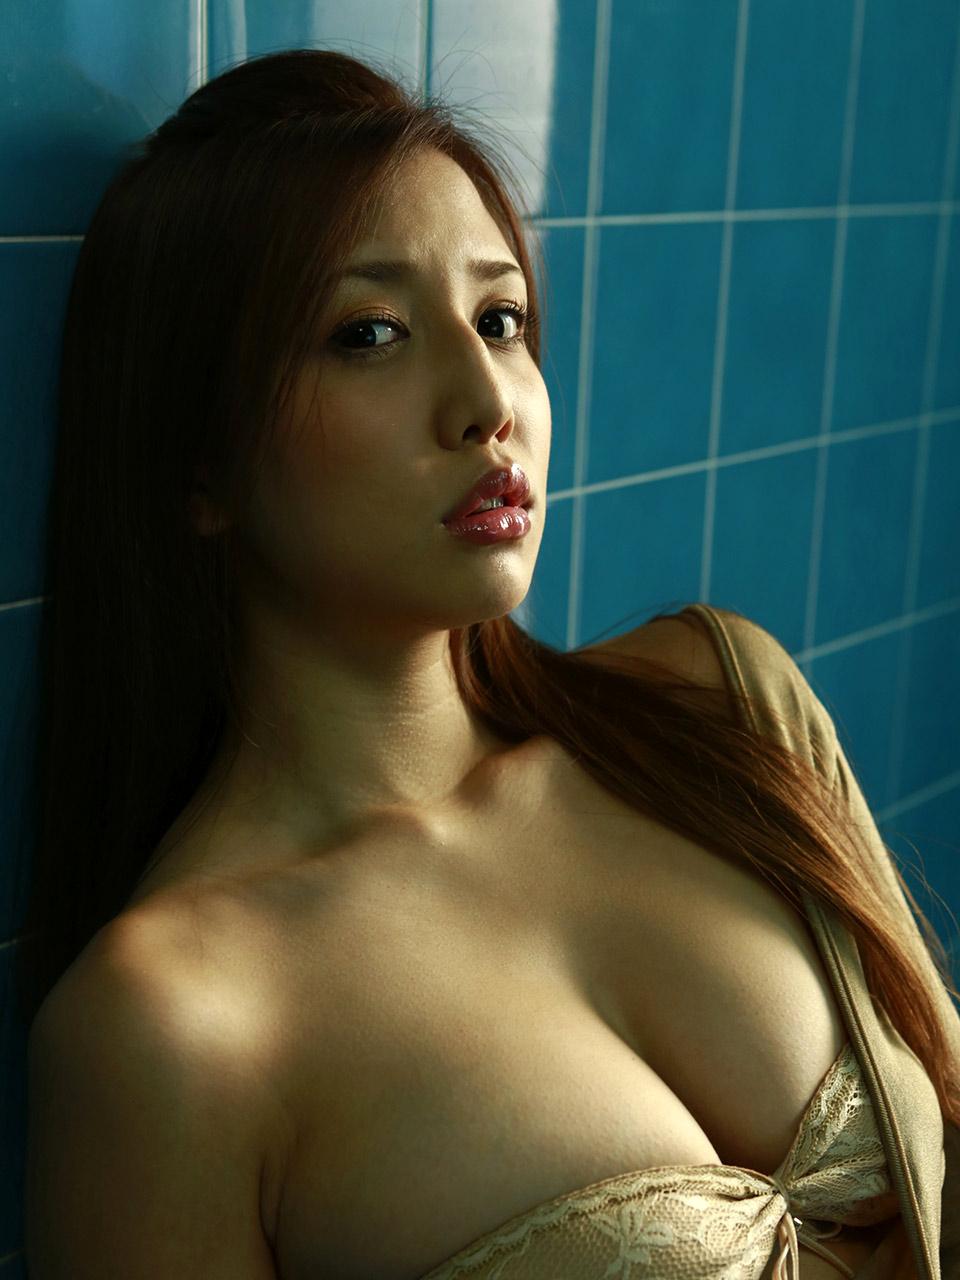 manami marutaka hot bikini pics 02